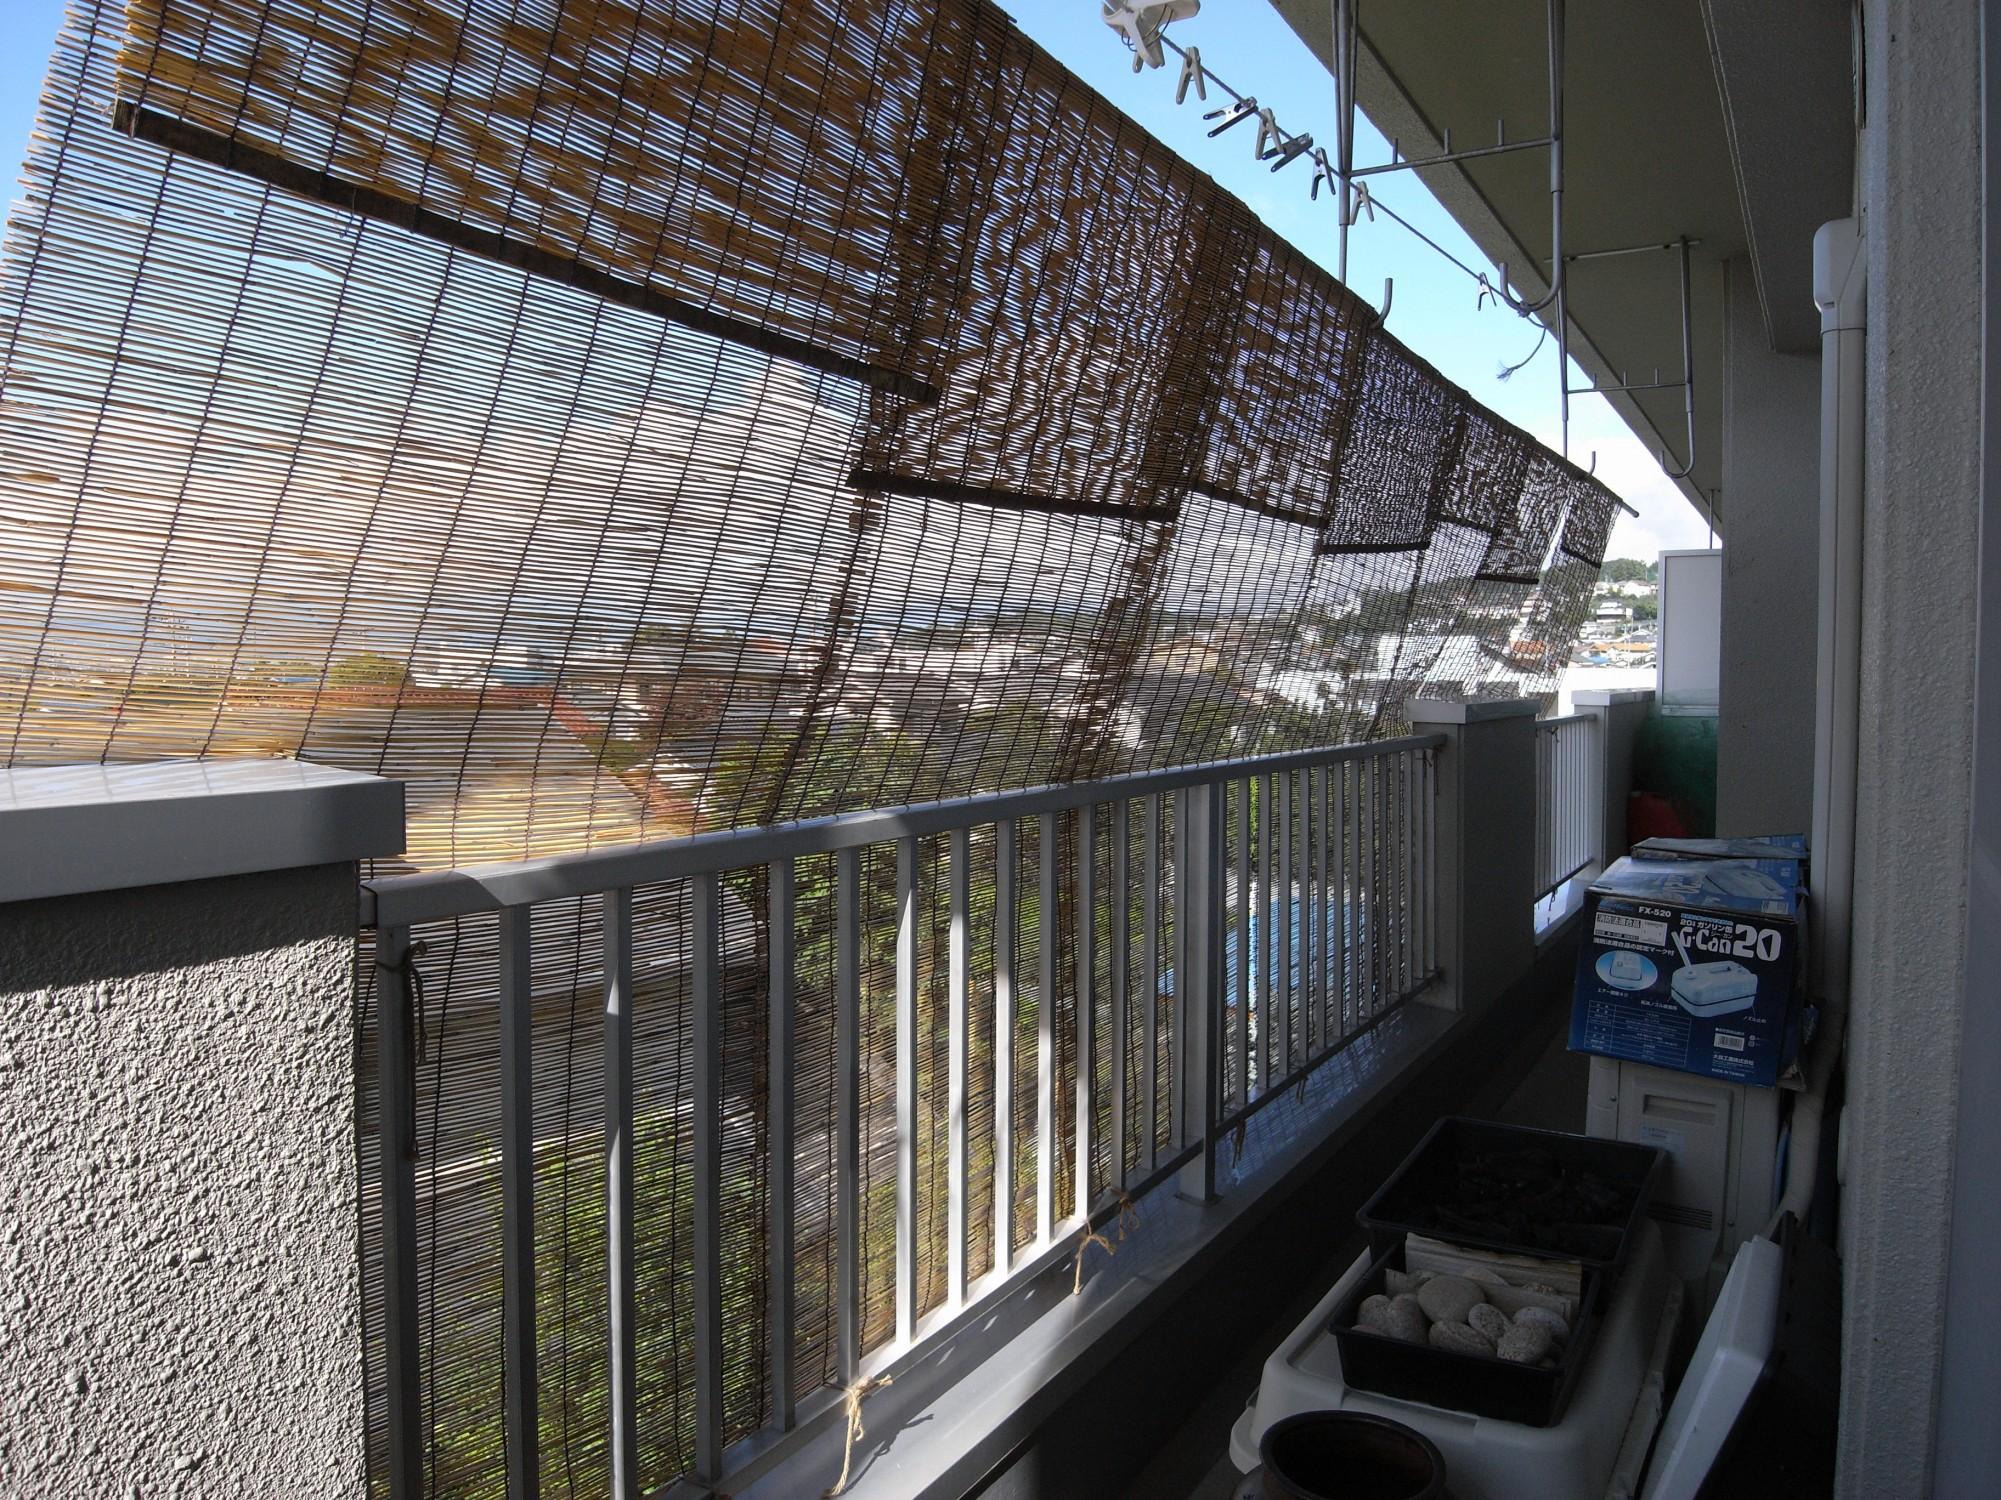 コンクリートは熱を蓄えて、夜までジワジワ熱を発するから、外に居るより暑いのです。